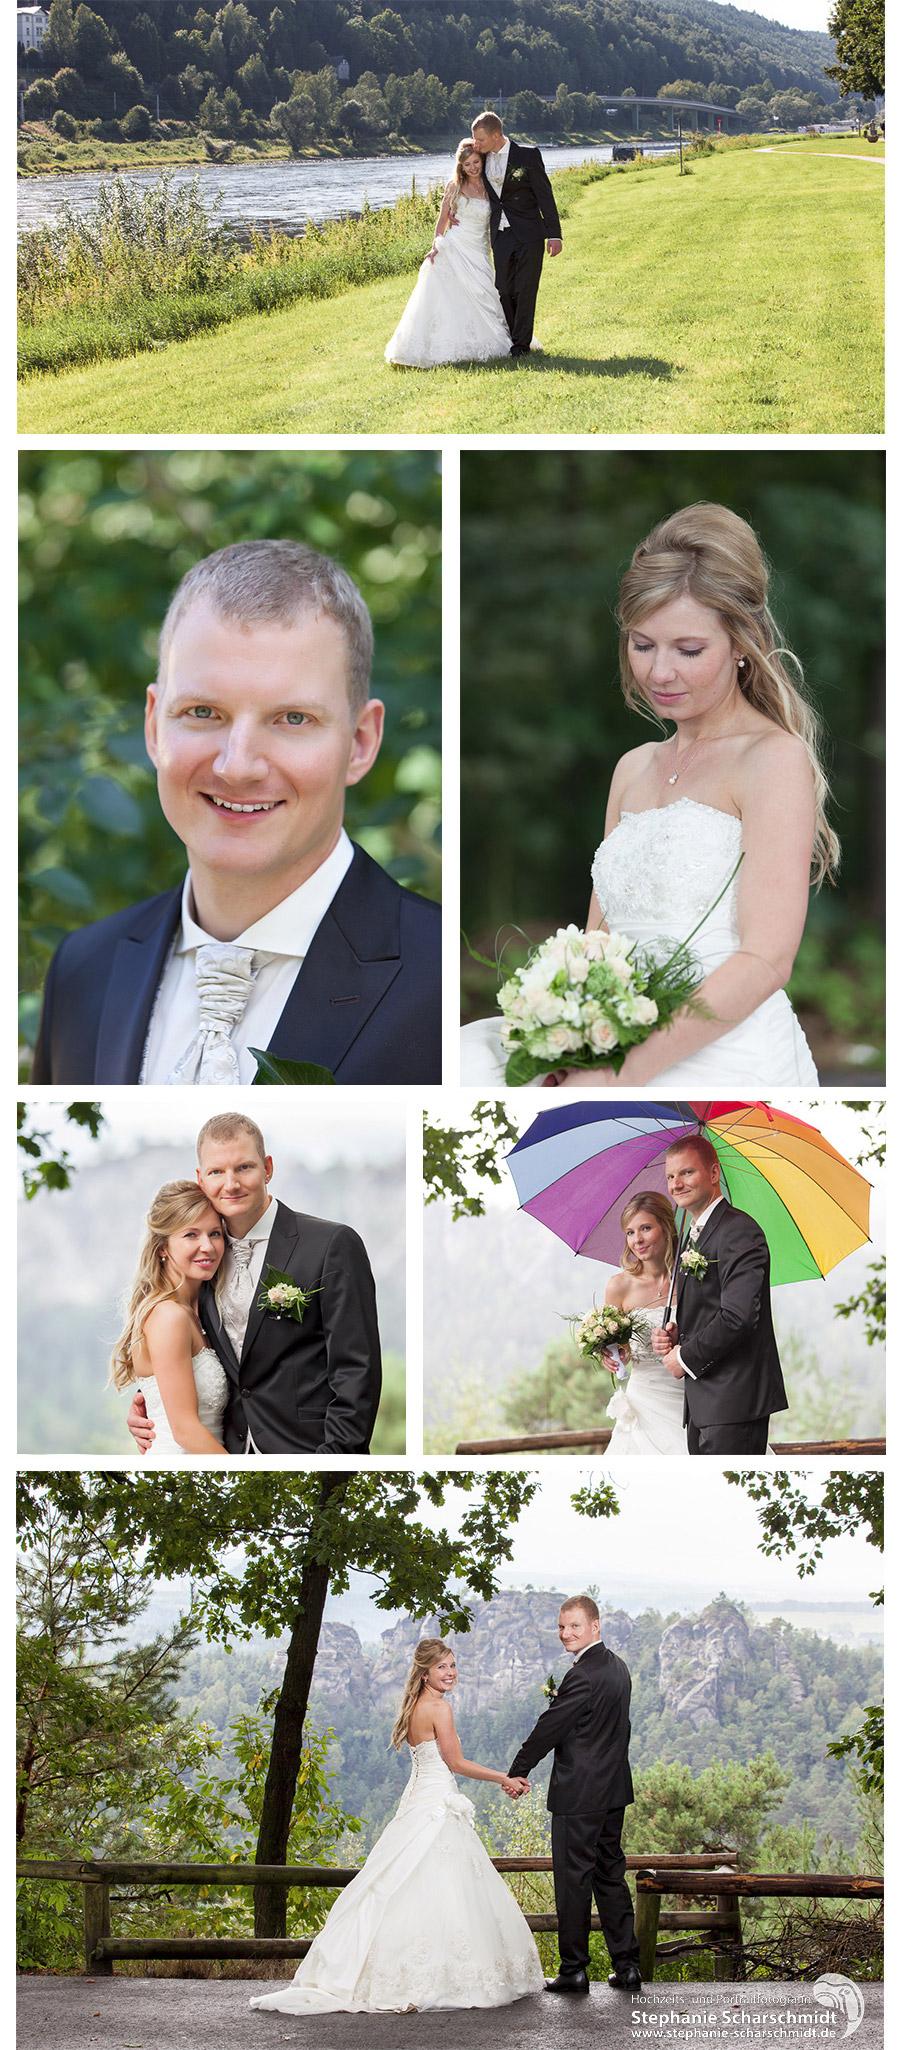 Hochzeitsfotograf in Sachsen - Hochzeit in der Sächsischen Schweiz auf der Bastei - Hochzeitsfotografin Stephanie Scharschmidt